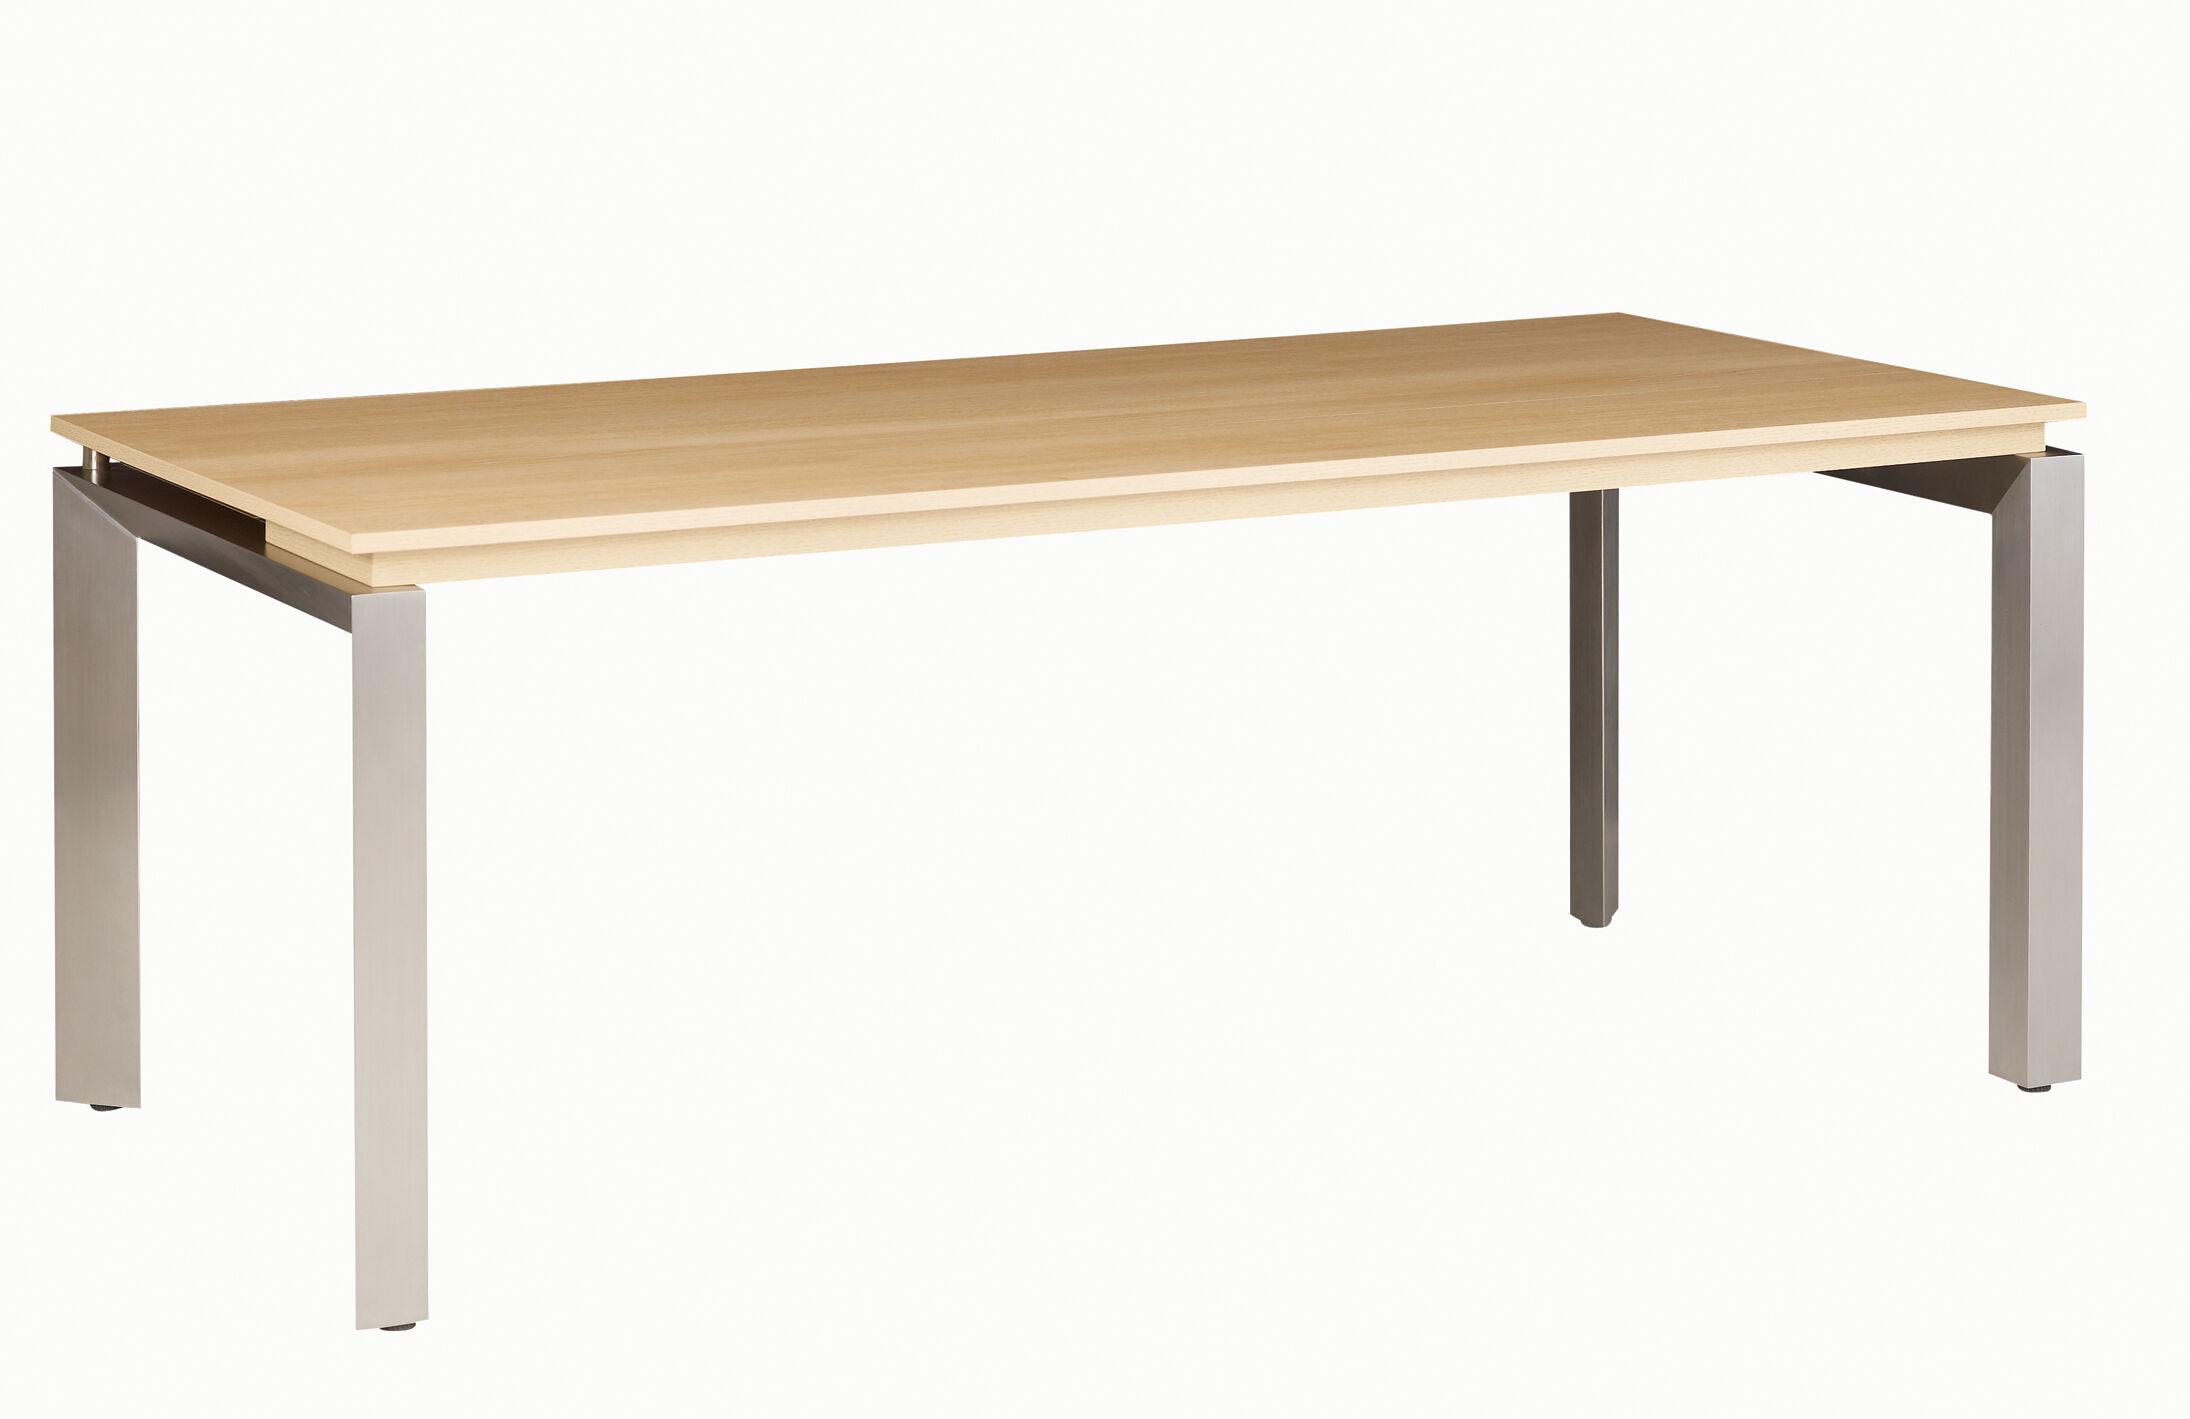 Bureau bois SLIVER - 190 cm - Pieds métal - Chêne fil et blanc